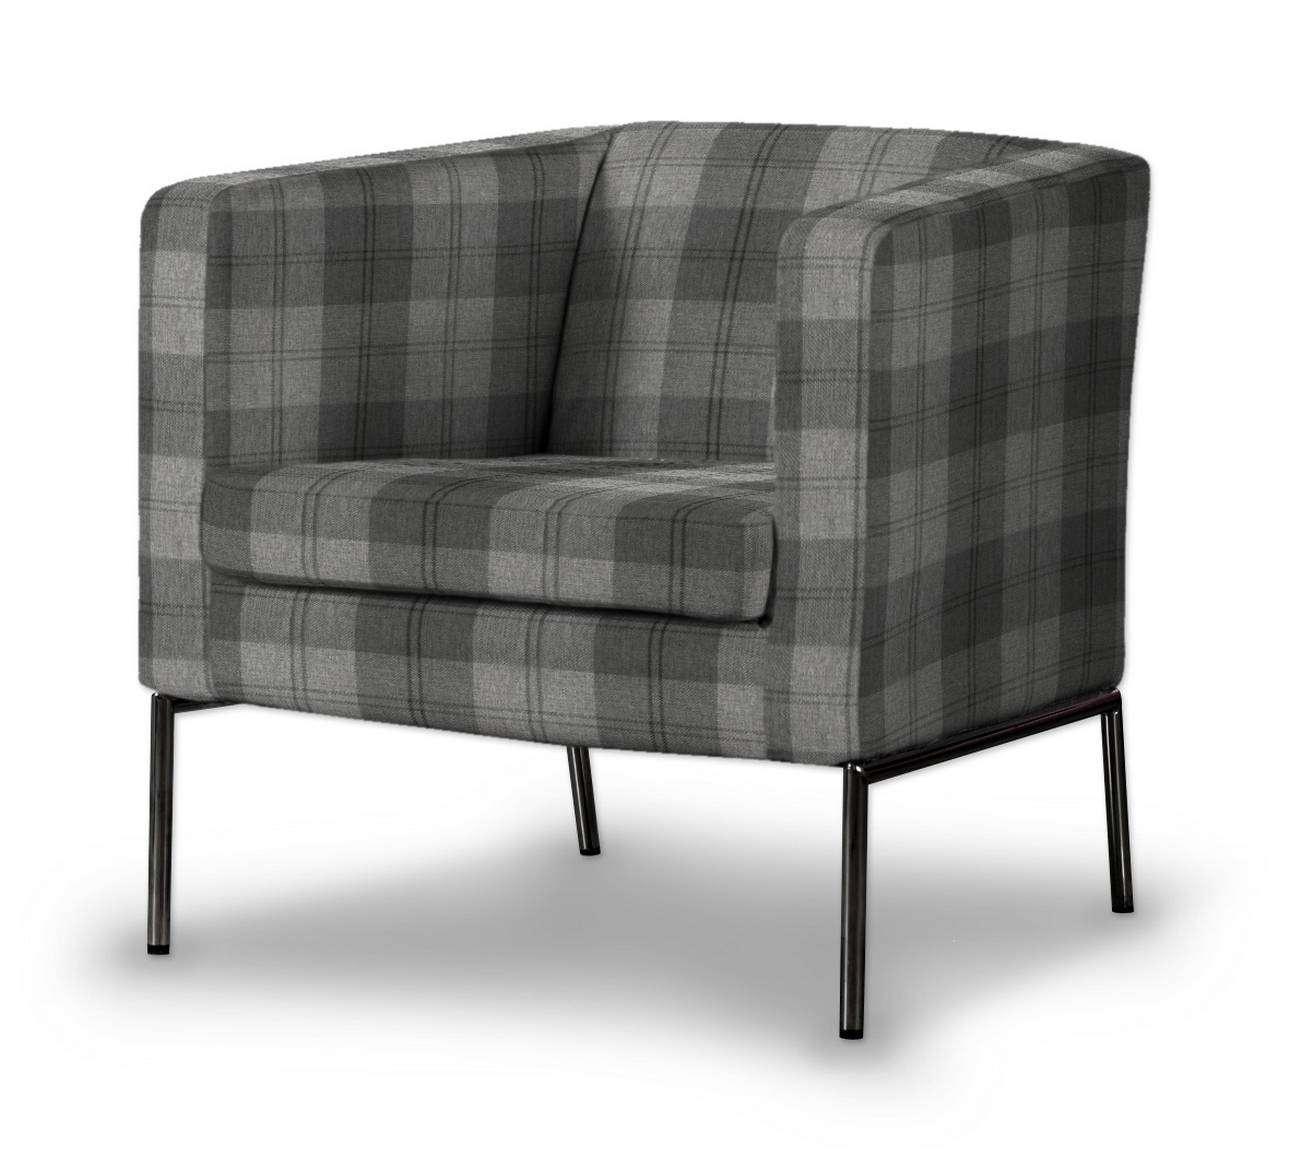 Pokrowiec na fotel Klappsta w kolekcji Edinburgh, tkanina: 115-75